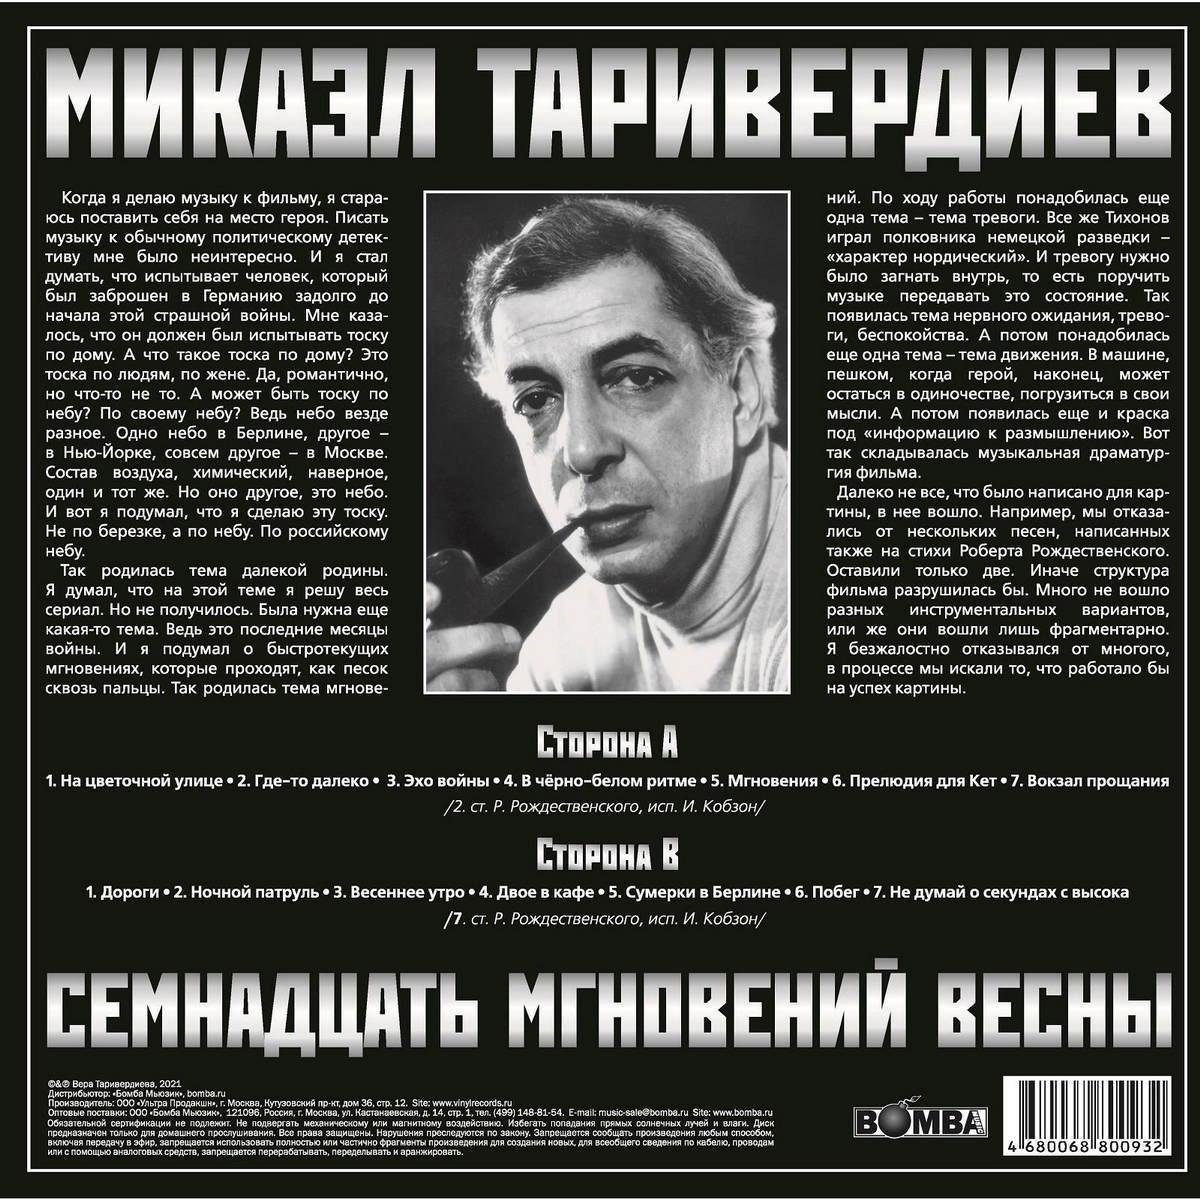 Виниловая пластинка Микаэл Таривердиев - Семнадцать Мгновений Весны (Red Vinyl)